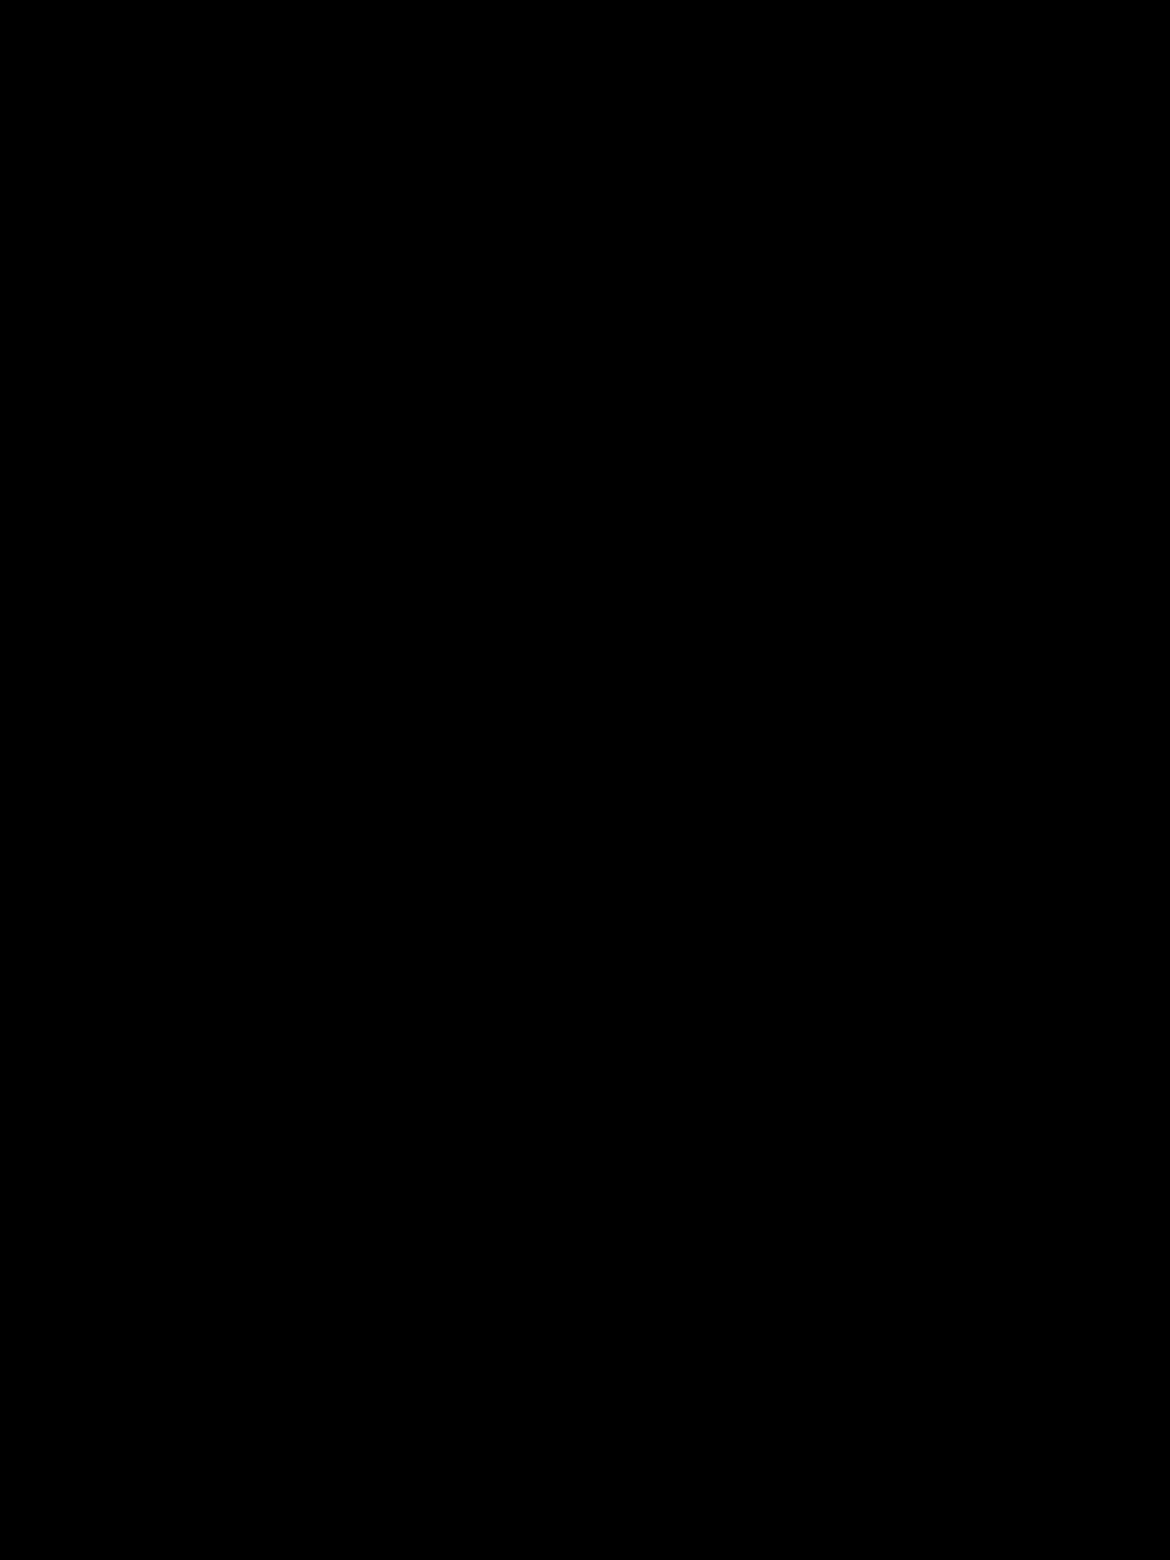 Laura Comolli - Cosa vedere all'Avana - Bancarelle di frutta fresca